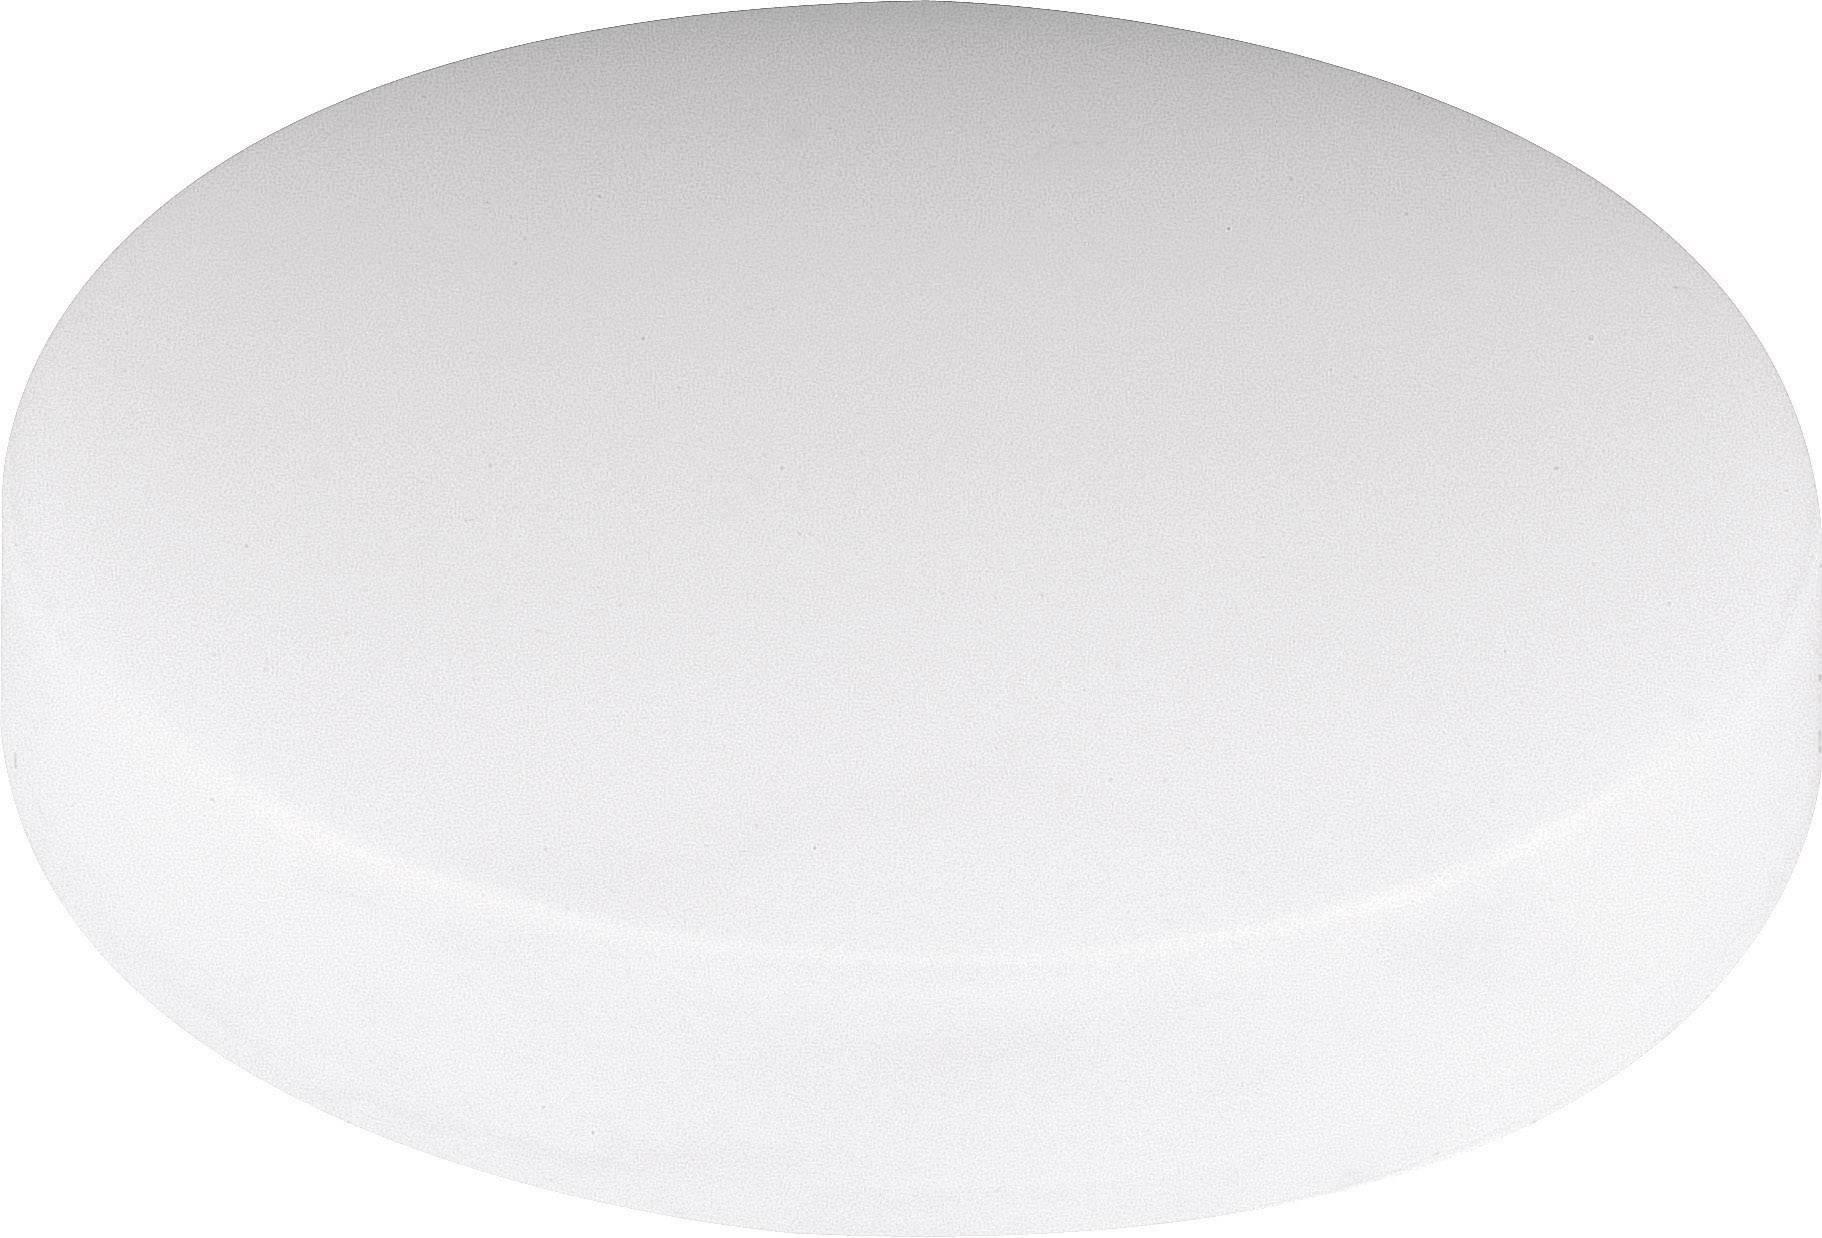 Svetelný poklop Mentor 2451.0300, číra, vhodný pre reflektor 18 mm